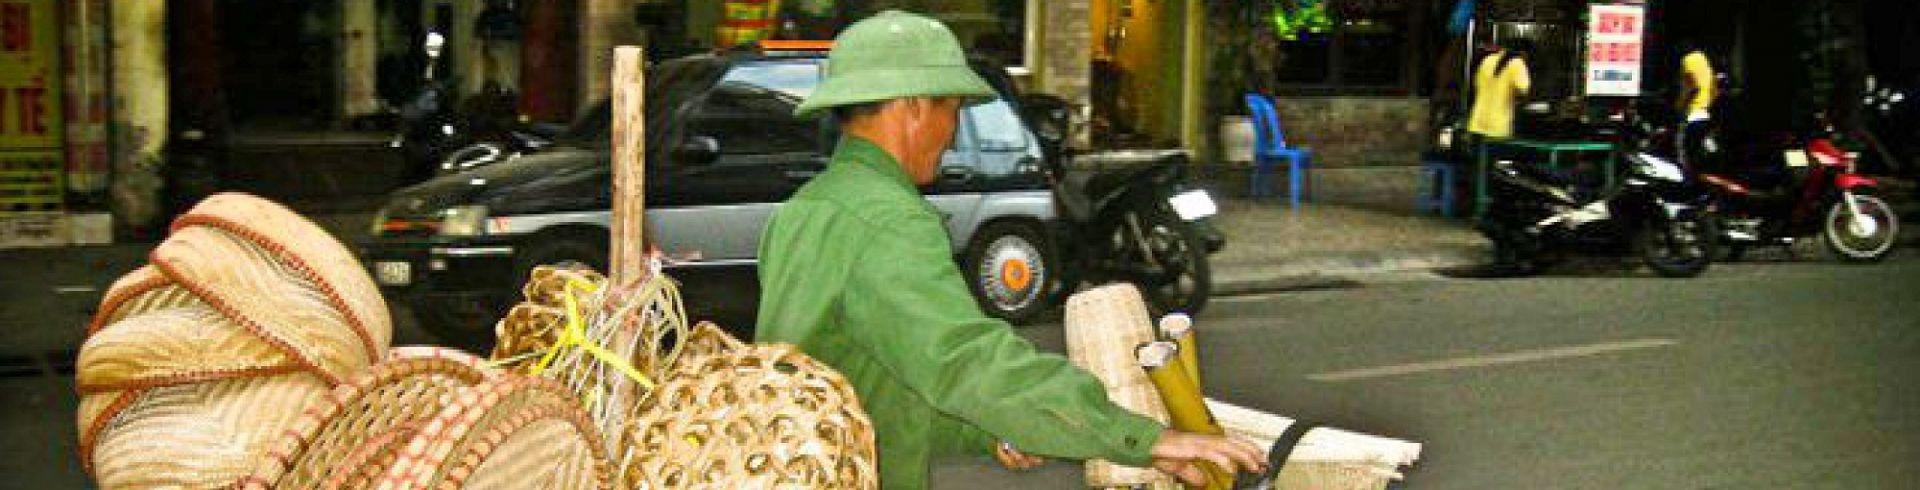 וייטנאם - חגיגת אוכל גדולה